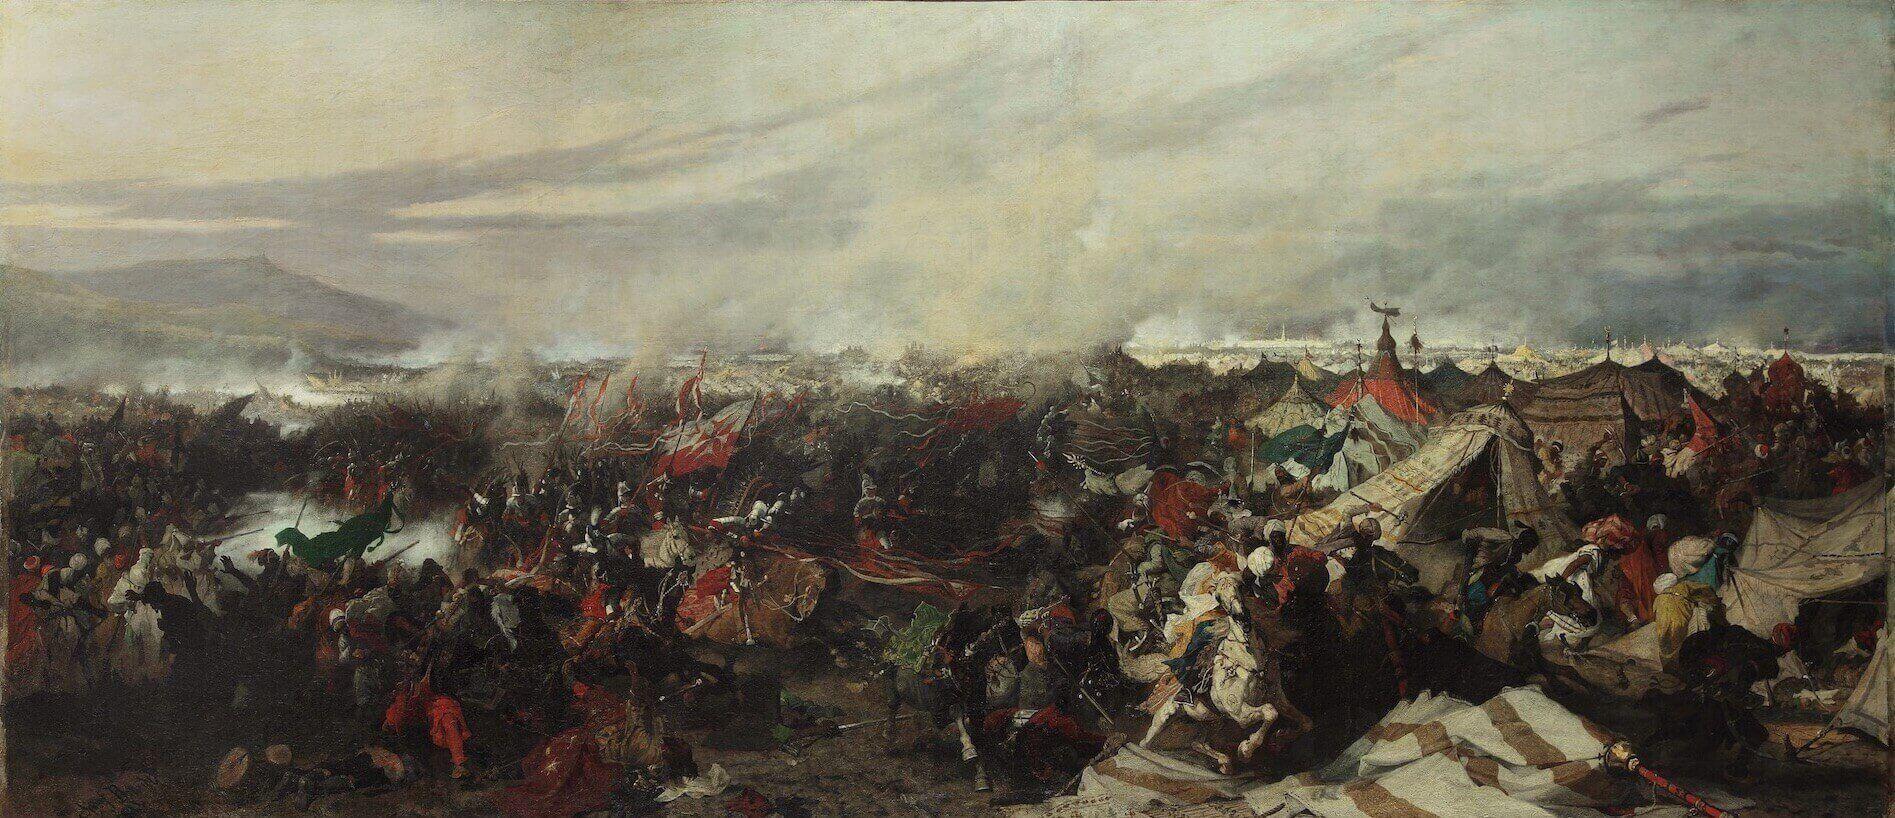 húsares alados polacos Viena batalla Khalenberg